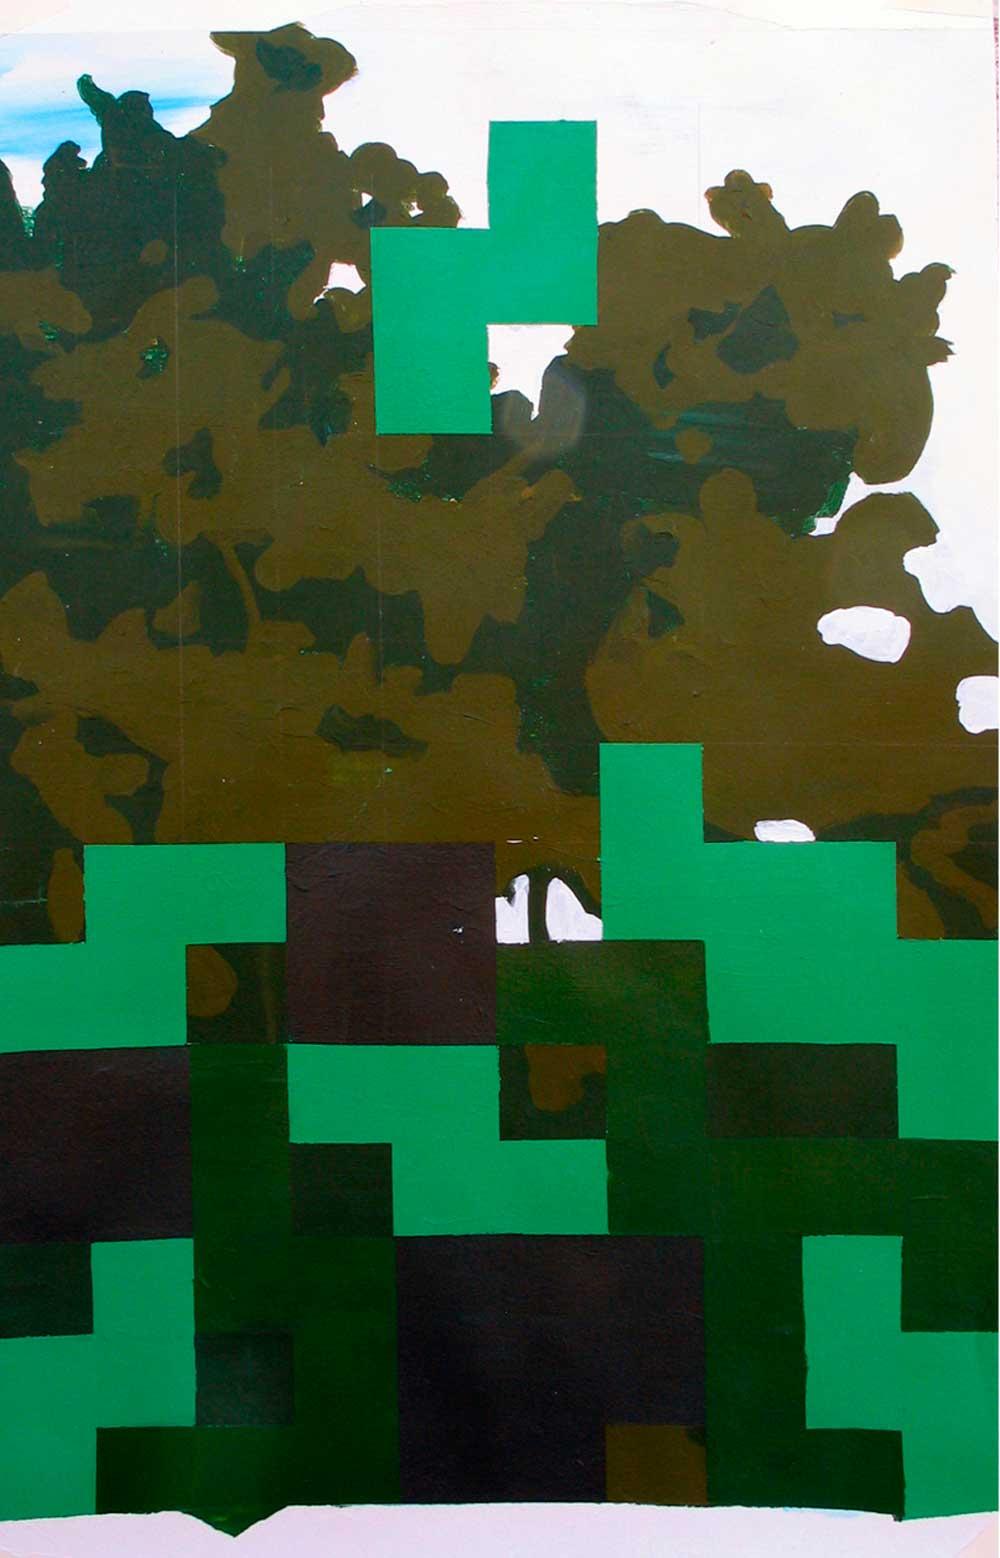 © Ana Barriga | El juego I, 2011. Acrílico sobre papel, 70 x 50 cm.